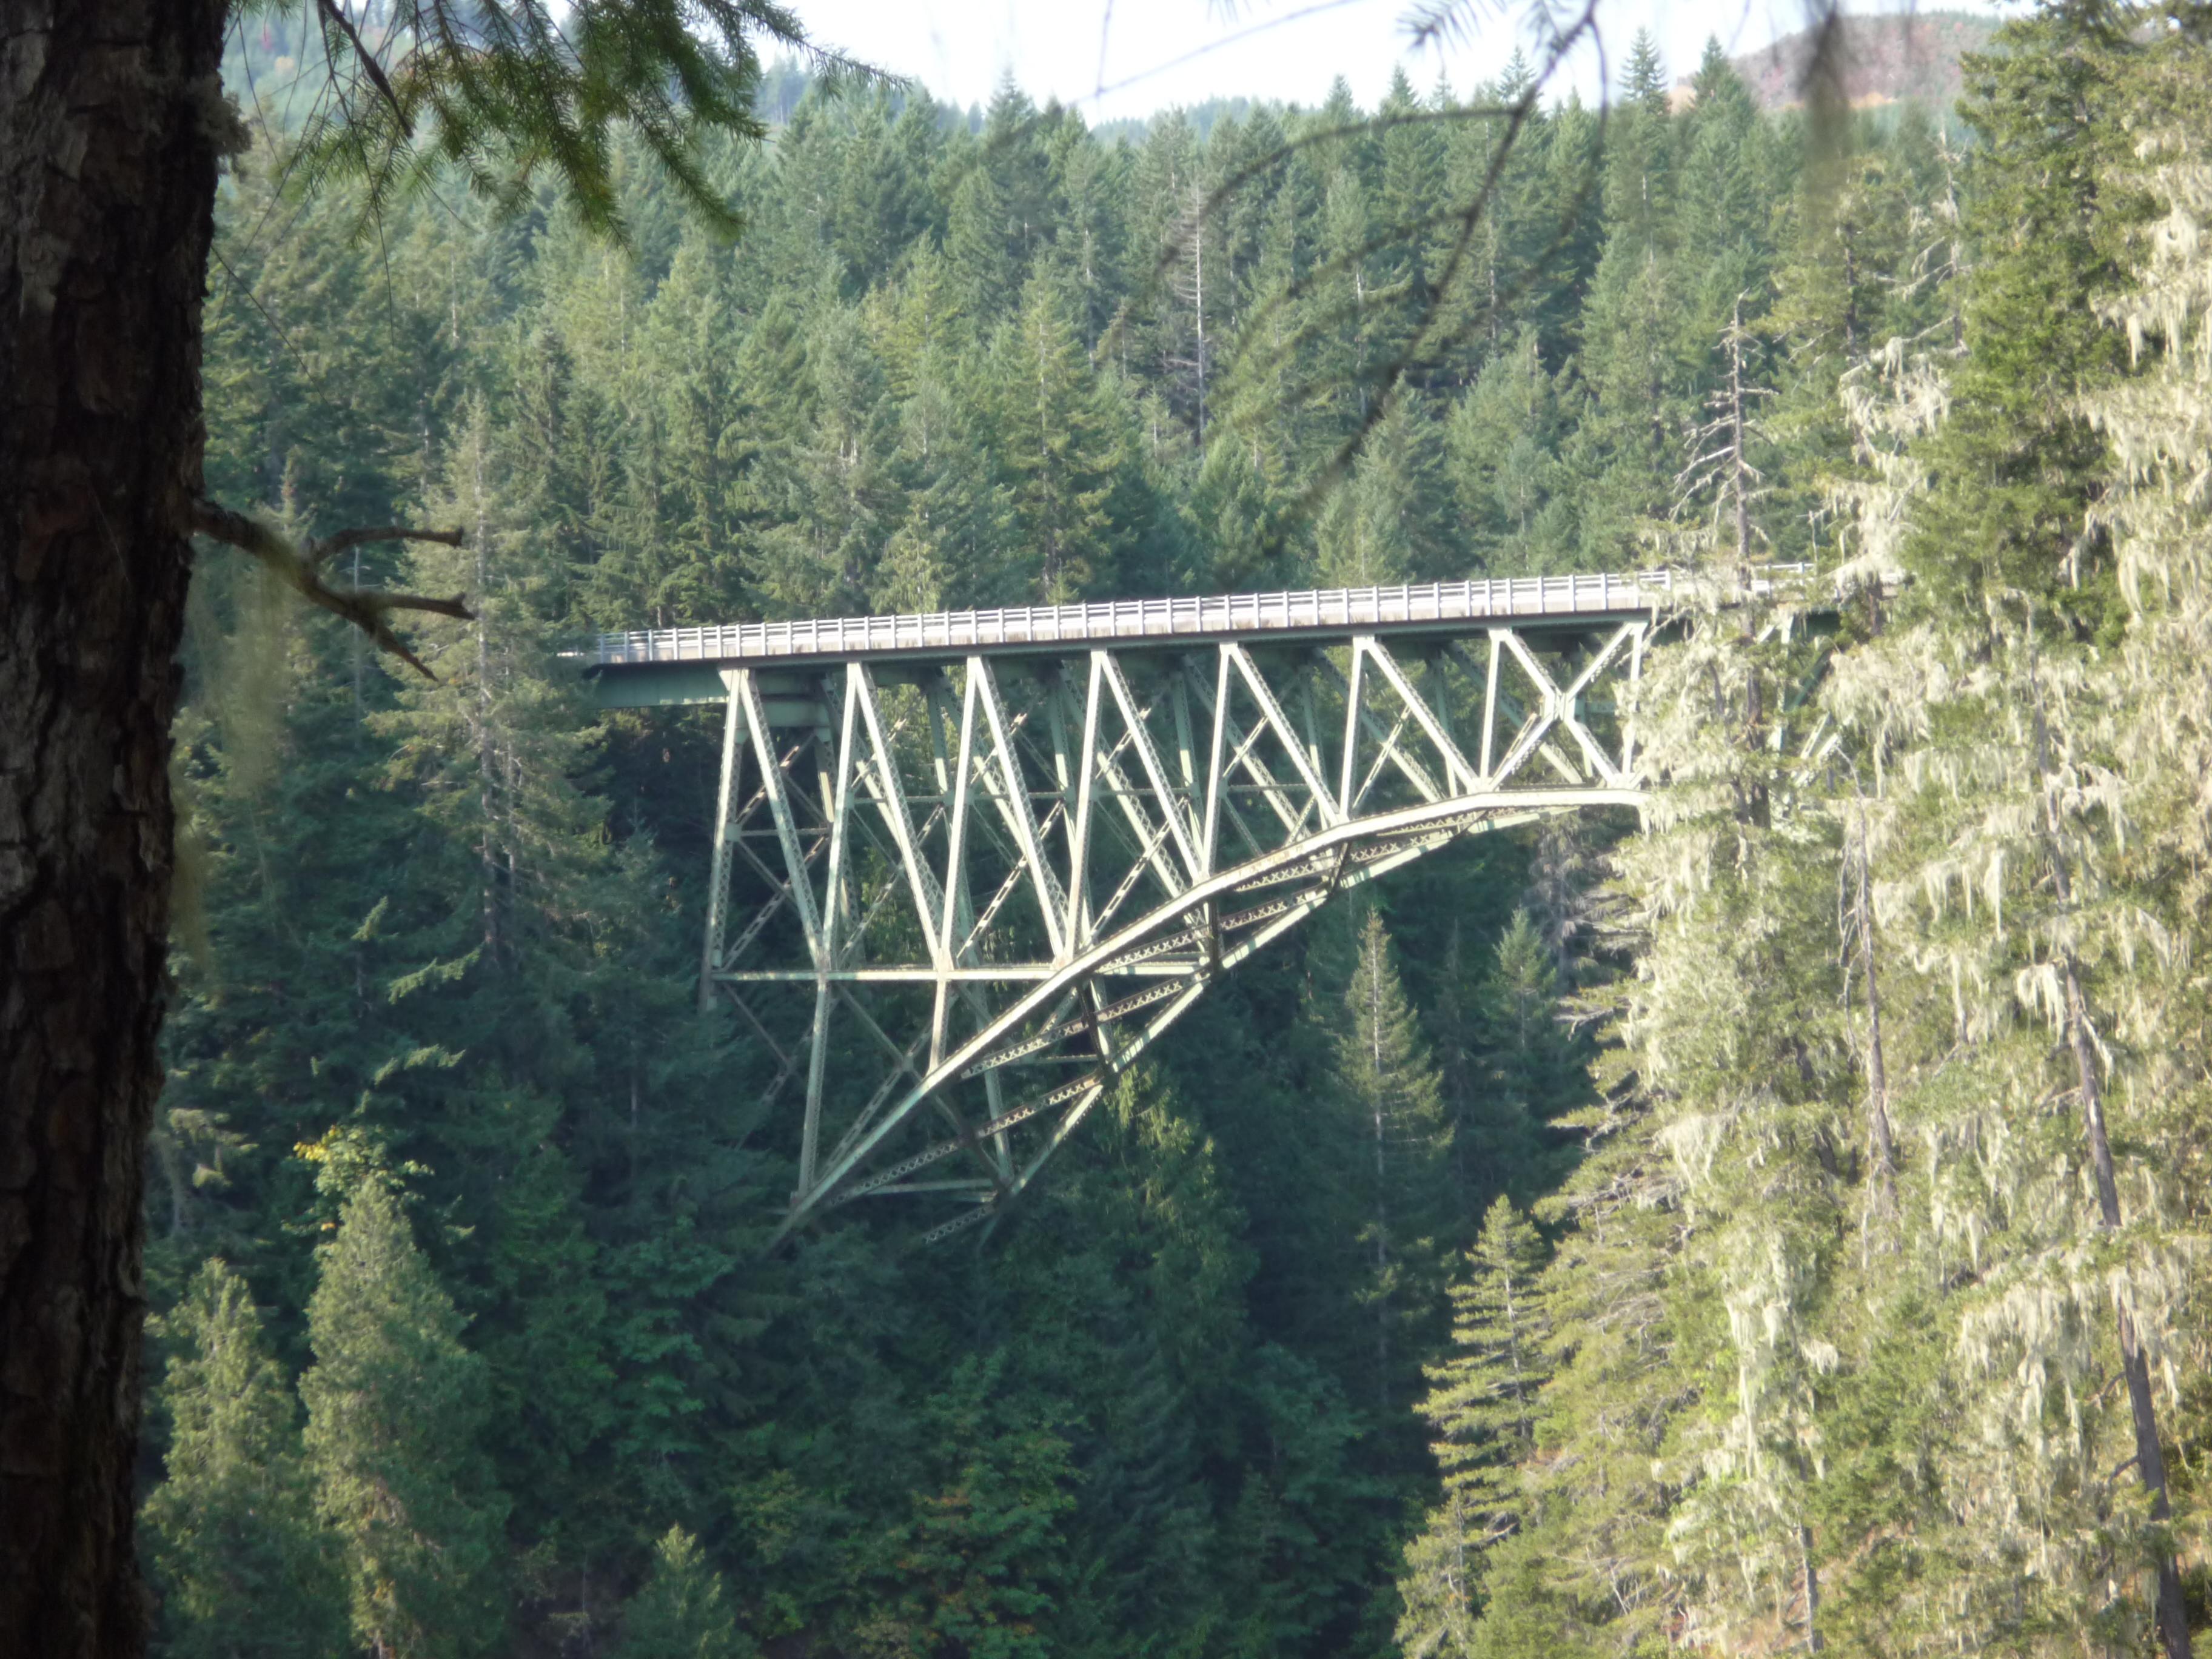 Breaking News On High Steel Bridge Shelton Wa Us